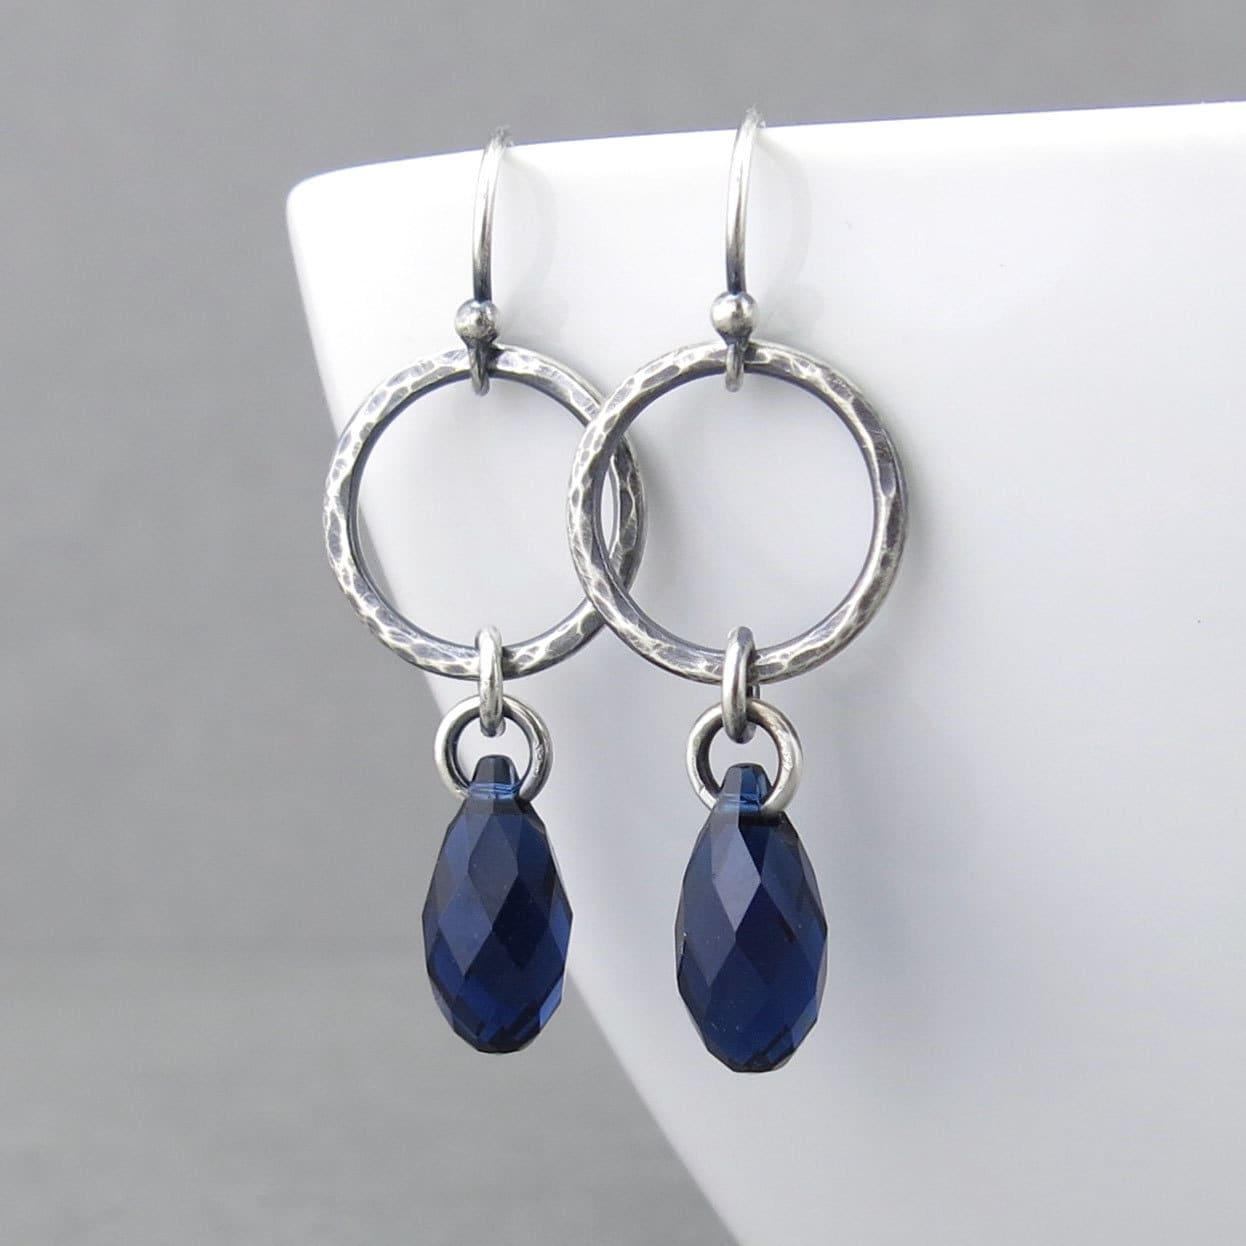 Simple Silver Earrings Rustic Earrings Navy Blue Crystal